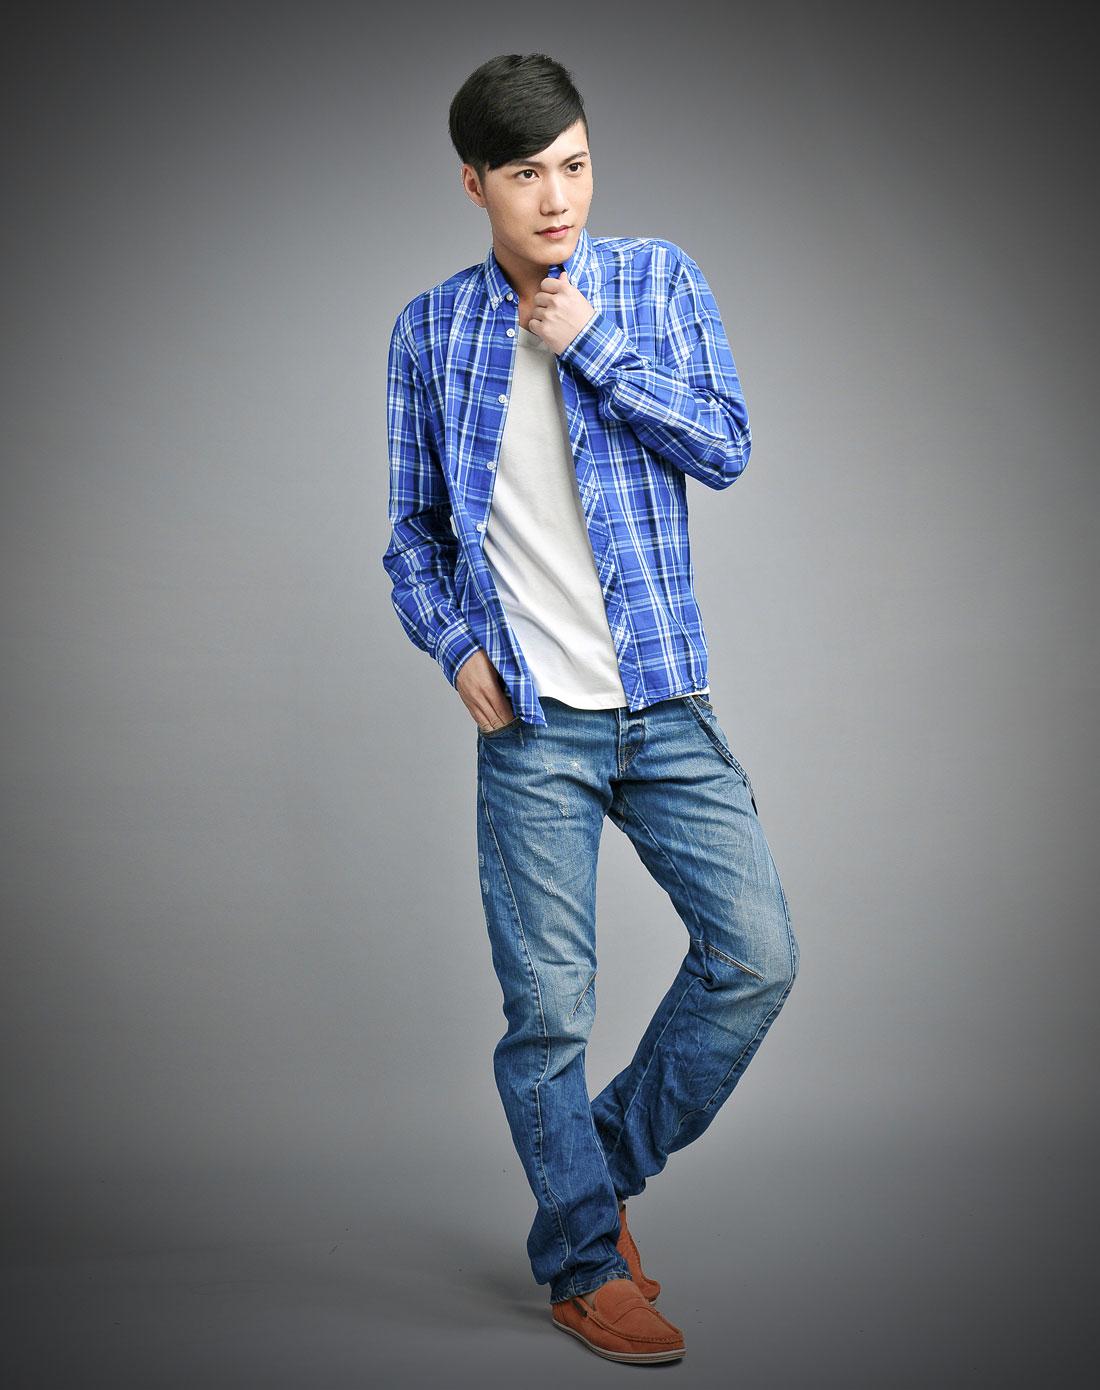 男士白衬衫搭配牛仔裤-蓝色格子衬衫搭配